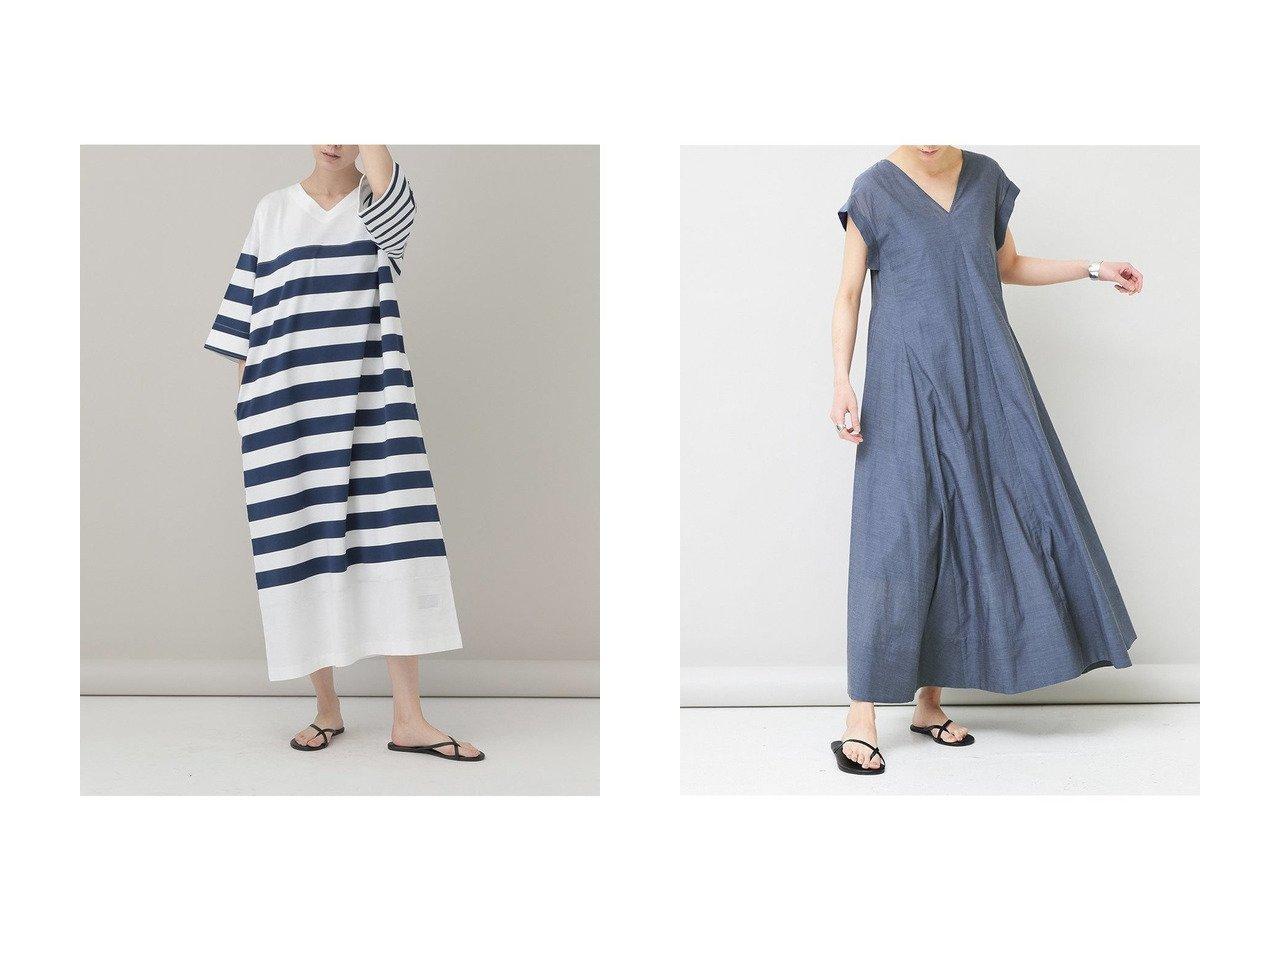 【Curensology/カレンソロジー】の【&RC】クレイジーボーダーワンピース&シャンブレーAラインワンピース 【ワンピース・ドレス】おすすめ!人気、トレンド・レディースファッションの通販  おすすめで人気の流行・トレンド、ファッションの通販商品 インテリア・家具・メンズファッション・キッズファッション・レディースファッション・服の通販 founy(ファニー) https://founy.com/ ファッション Fashion レディースファッション WOMEN ワンピース Dress Aラインワンピース A-line Dress サマー シャンブレー ドレス ラグジュアリー ロング バランス ボーダー リラックス 無地 |ID:crp329100000049262